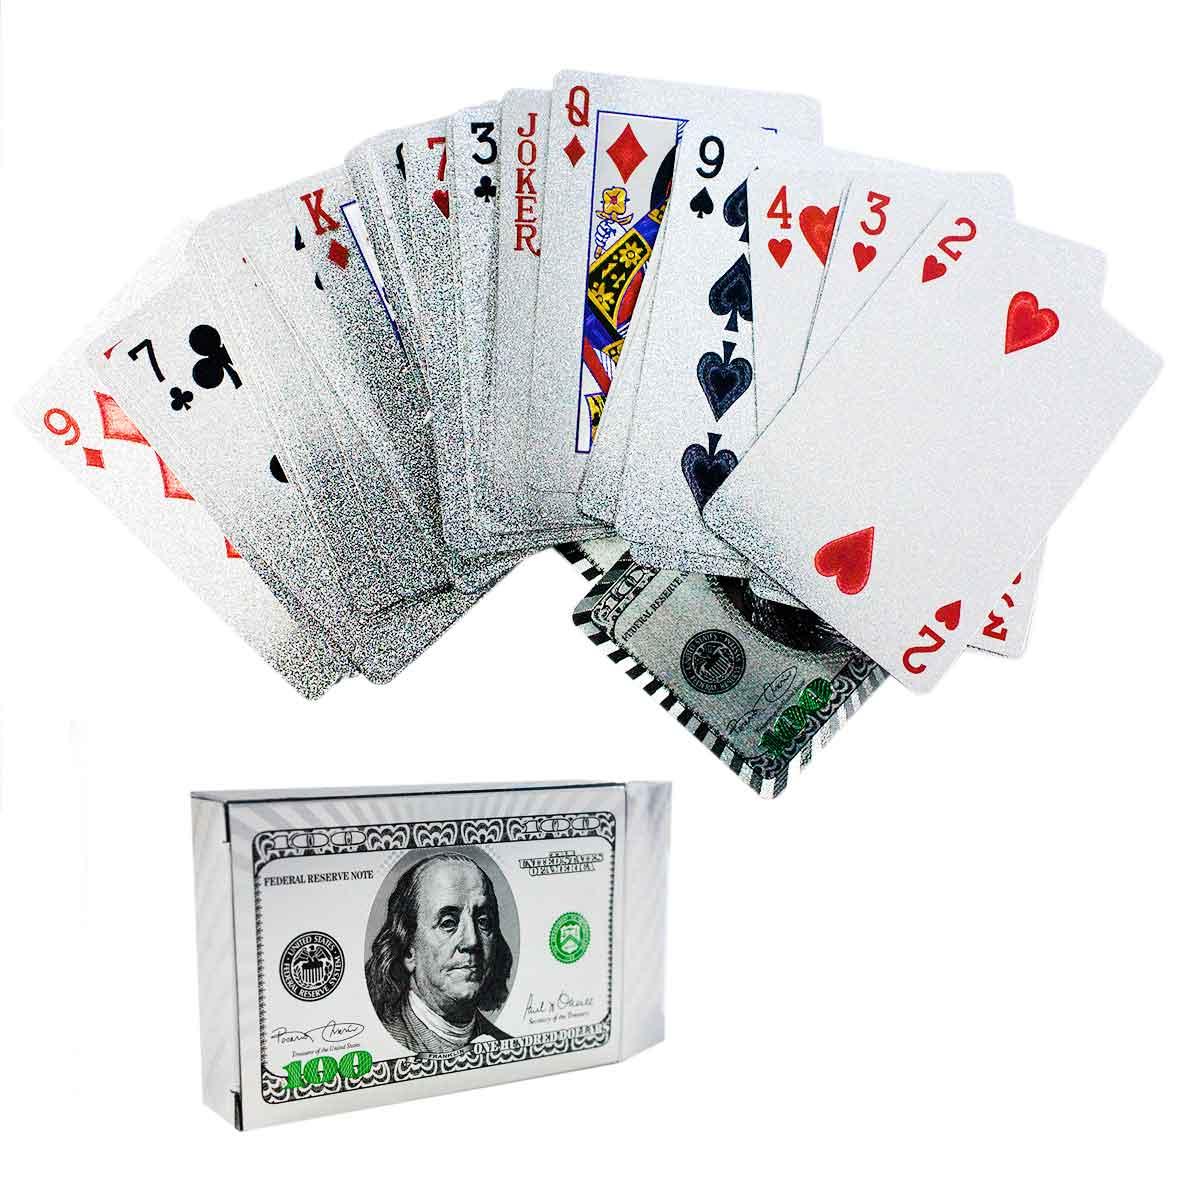 Baralho Poker Truco Dolar Prateado Cartas Prata Jogos